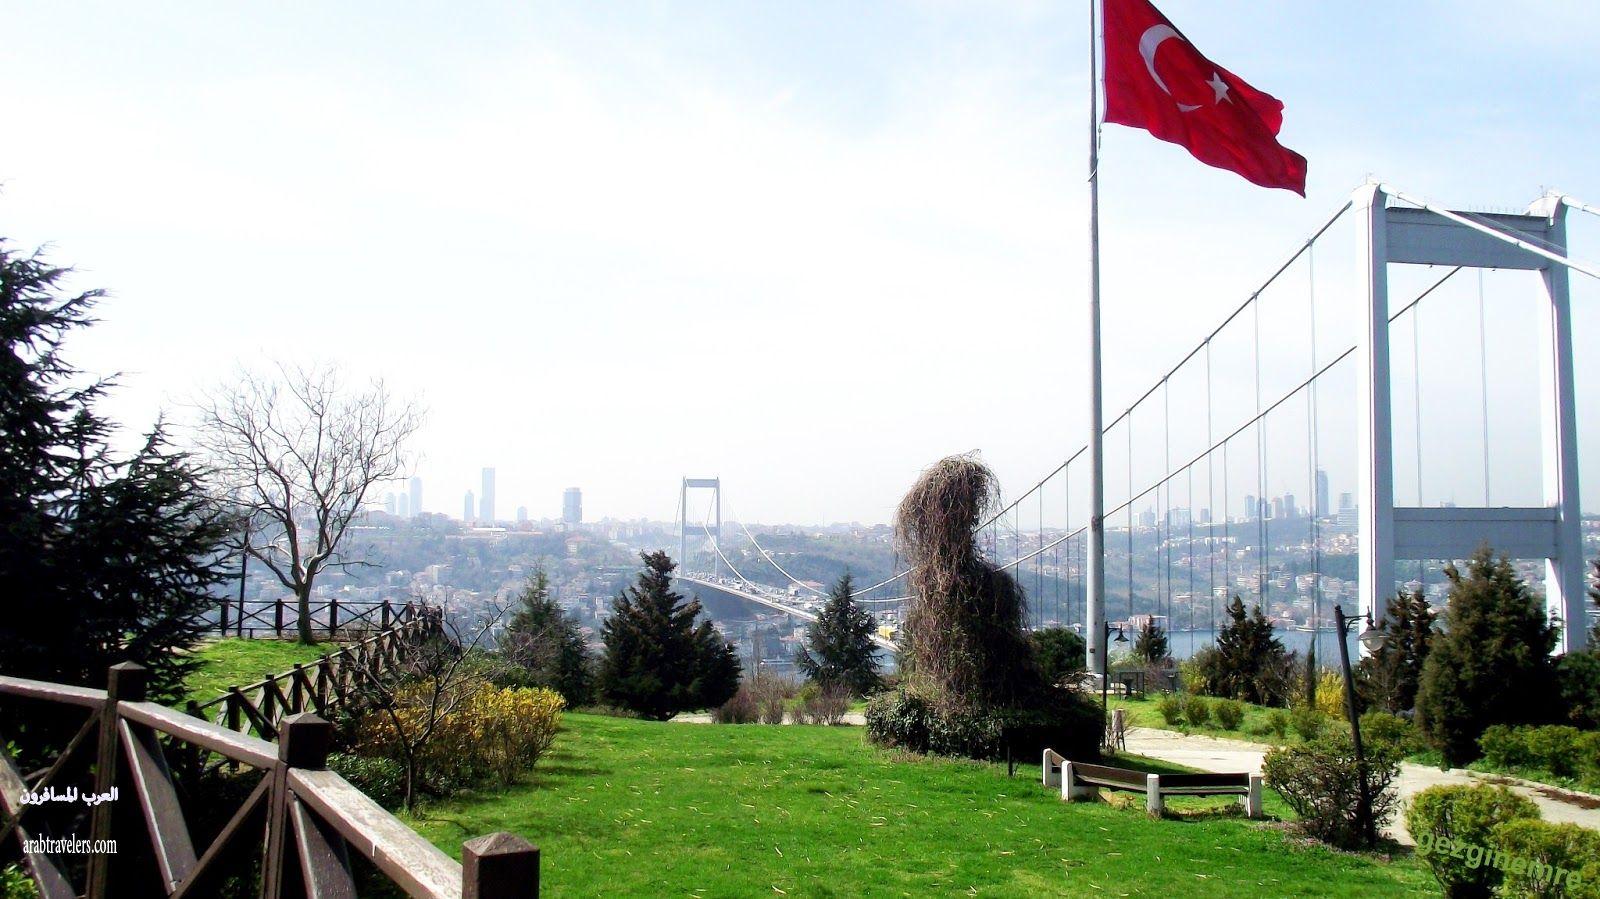 411072 المسافرون العرب اجمل صور حدائق تركيا